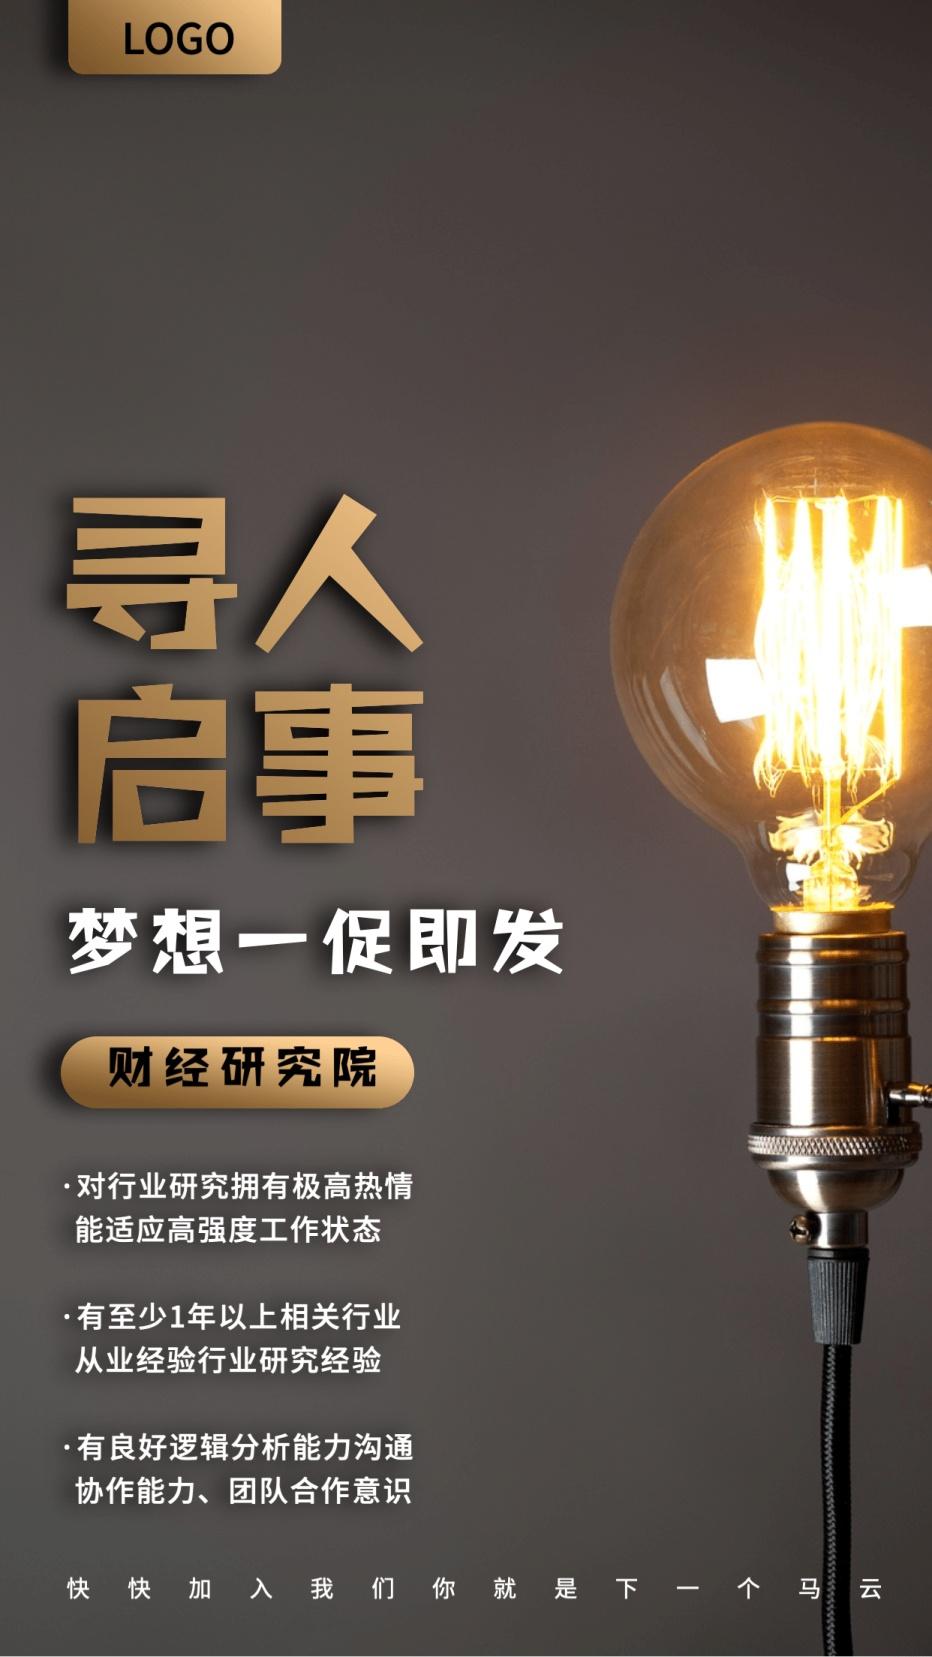 寻人启事黑金酷炫招聘海报